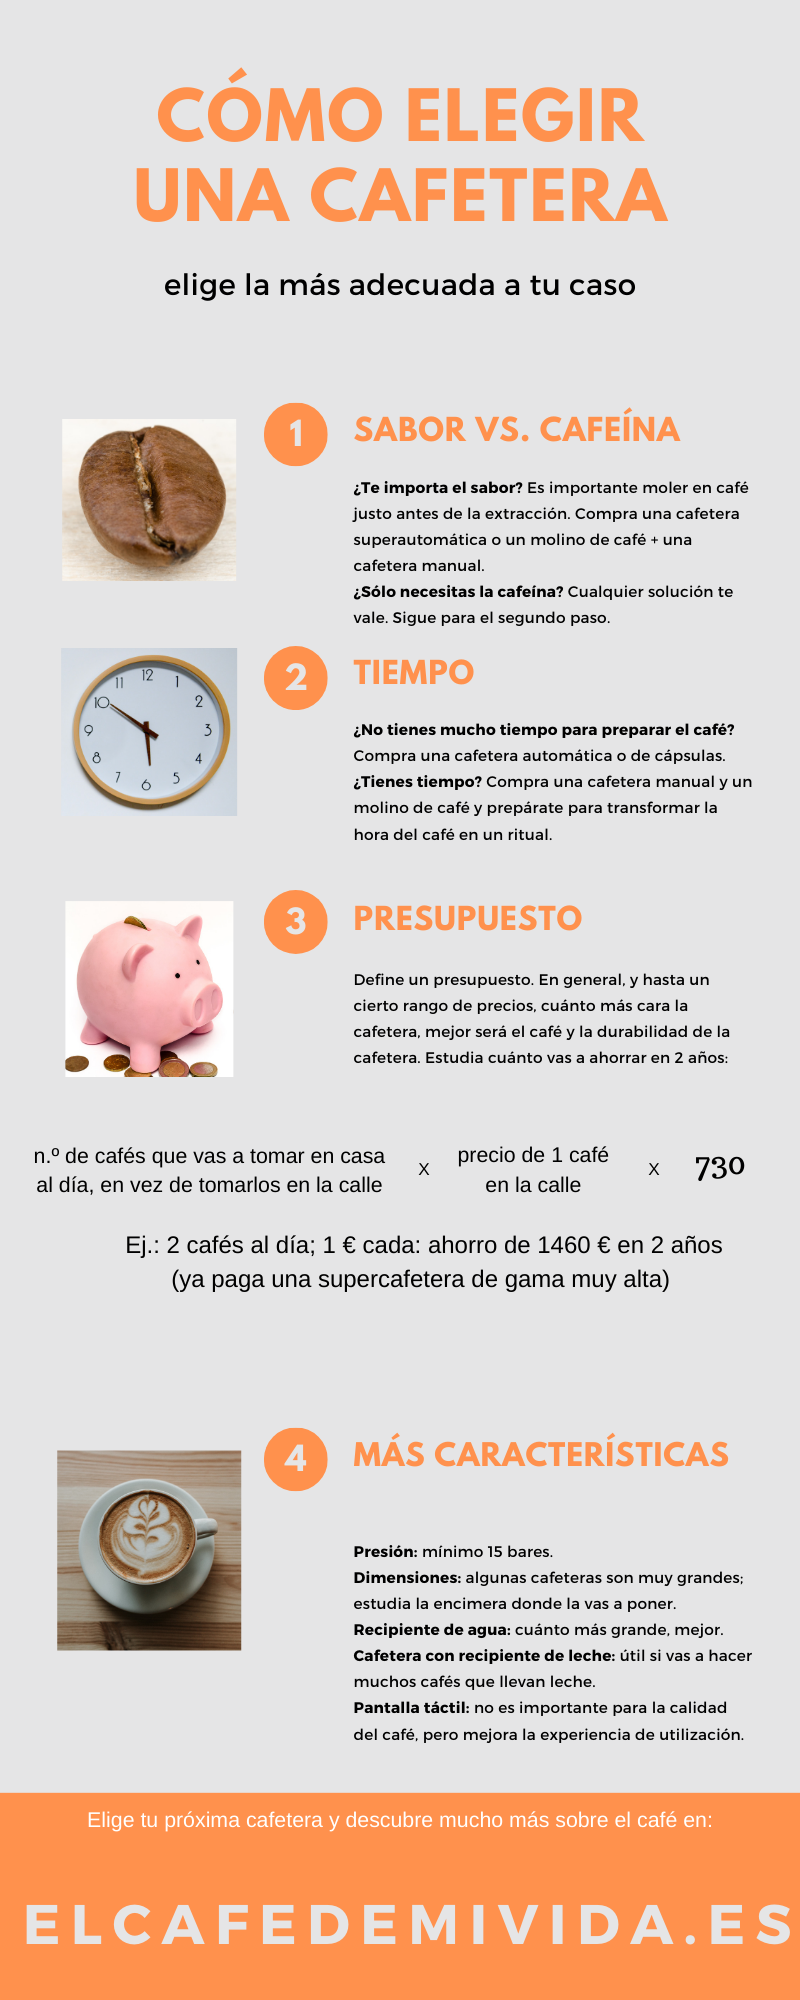 Cómo elegir una cafetera express - infografía